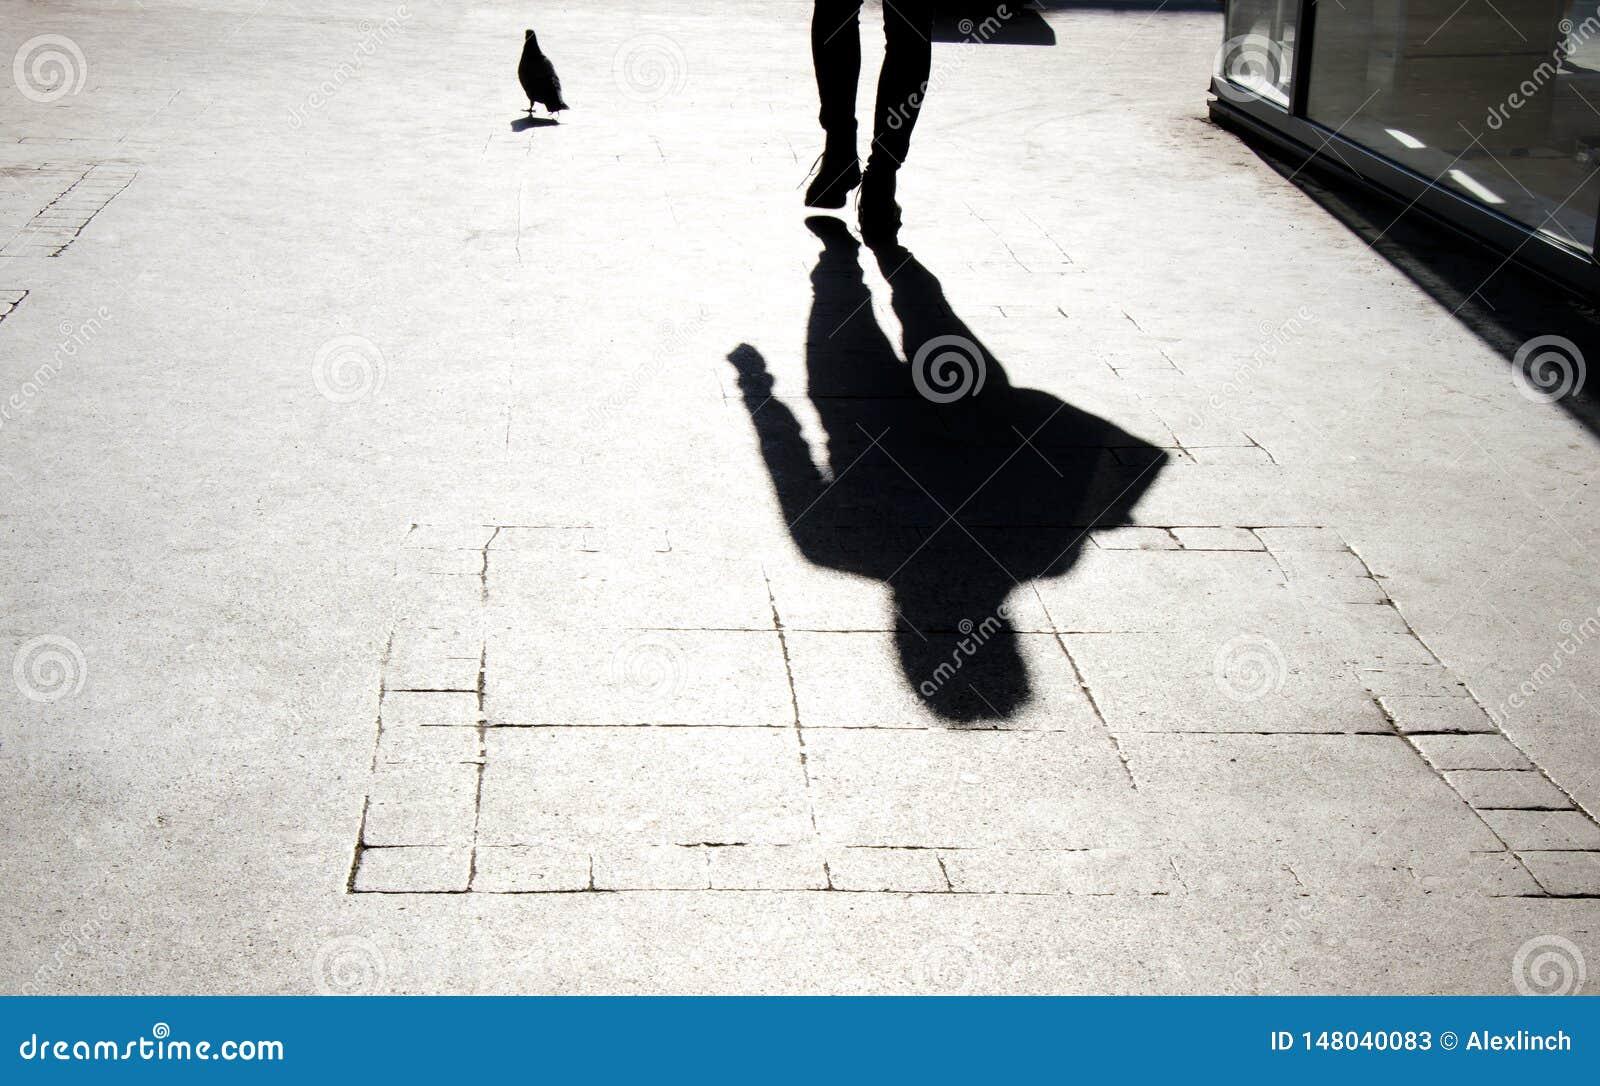 Silueta borrosa de la sombra de una persona y de una paloma